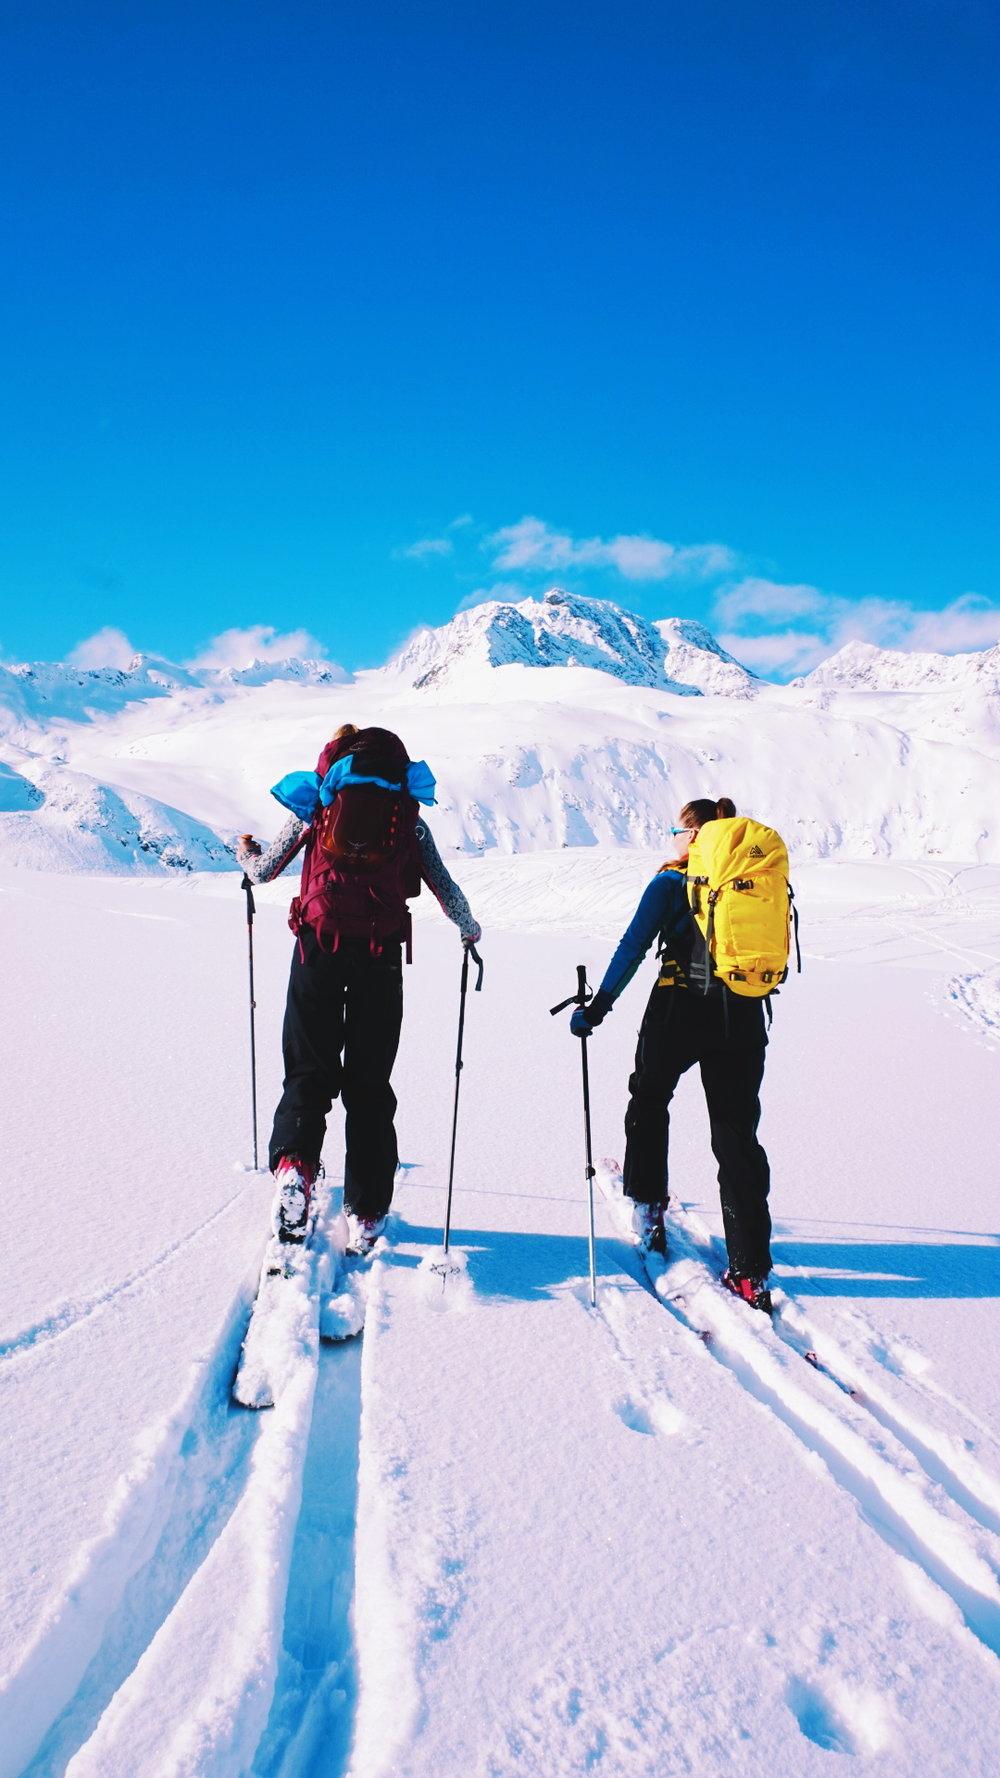 The Lyngen Alps, in Troms, Norway